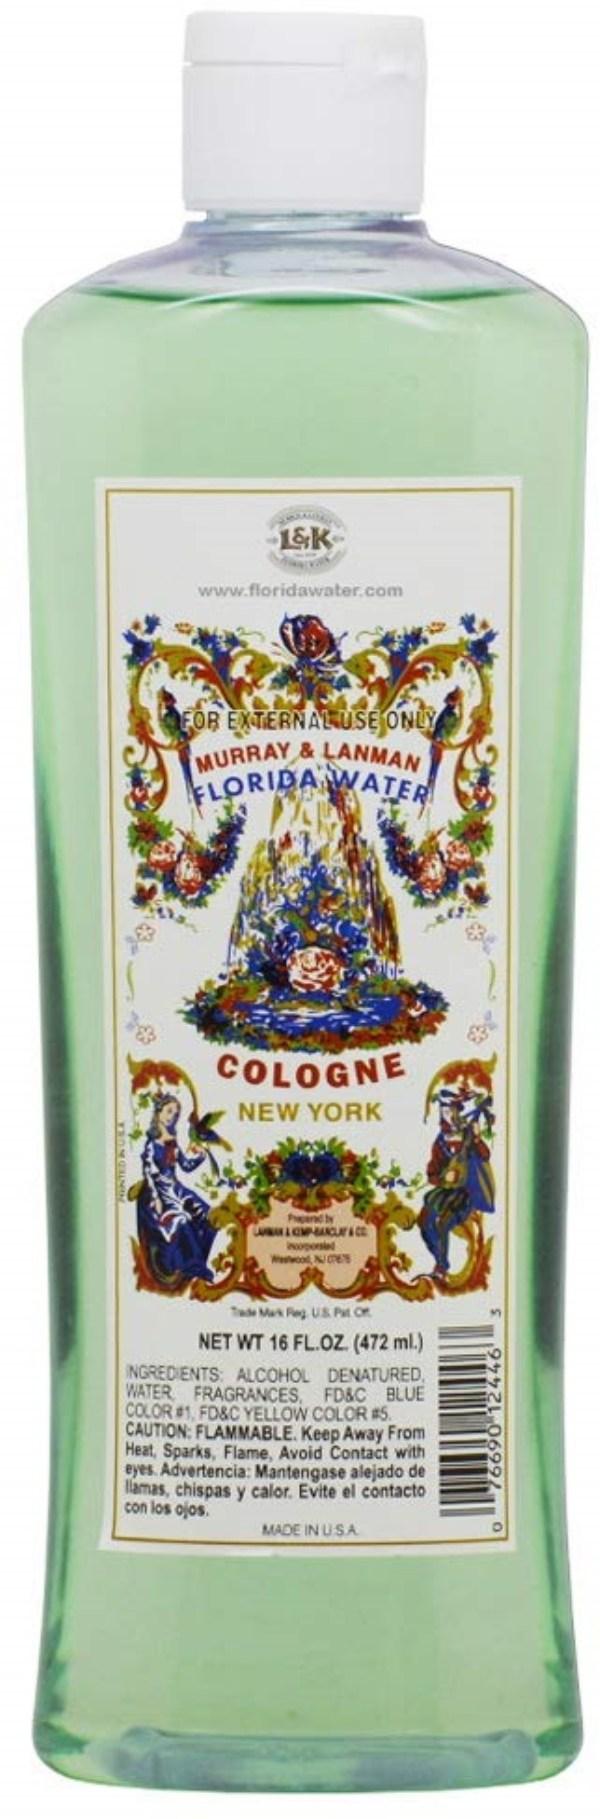 Murray & Lanman agua de florida colonia 472 ML